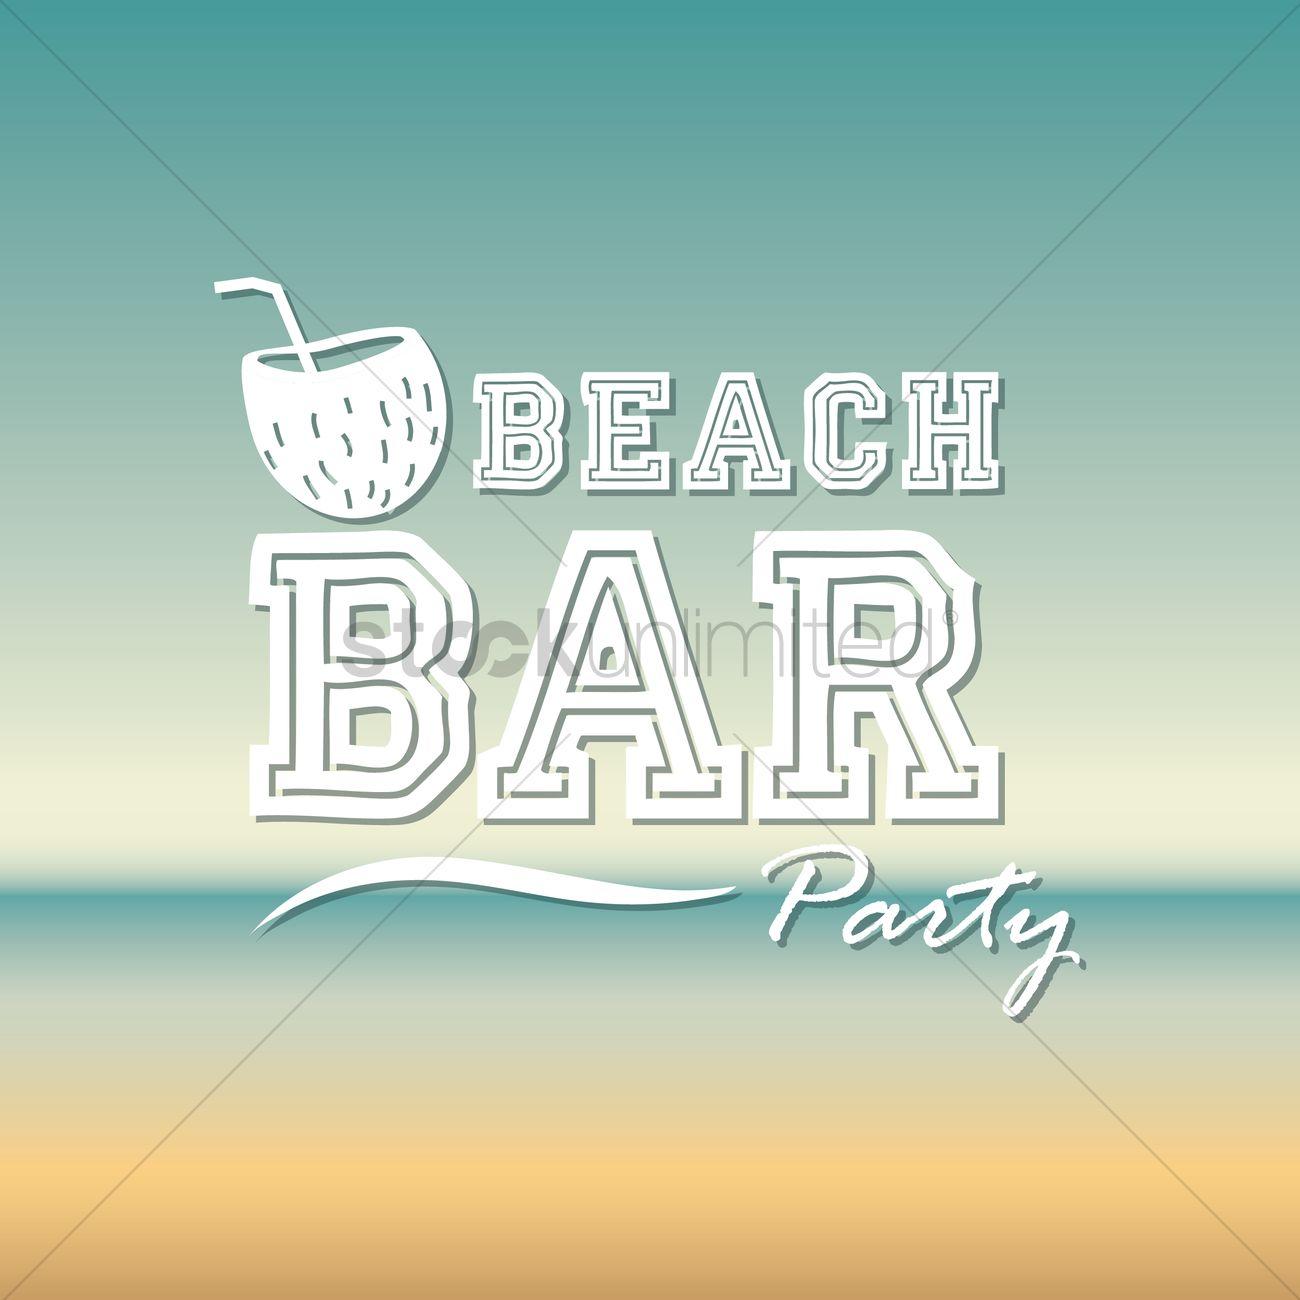 Beach Bar Party Wallpaper Clipart Vetorizados 1617846